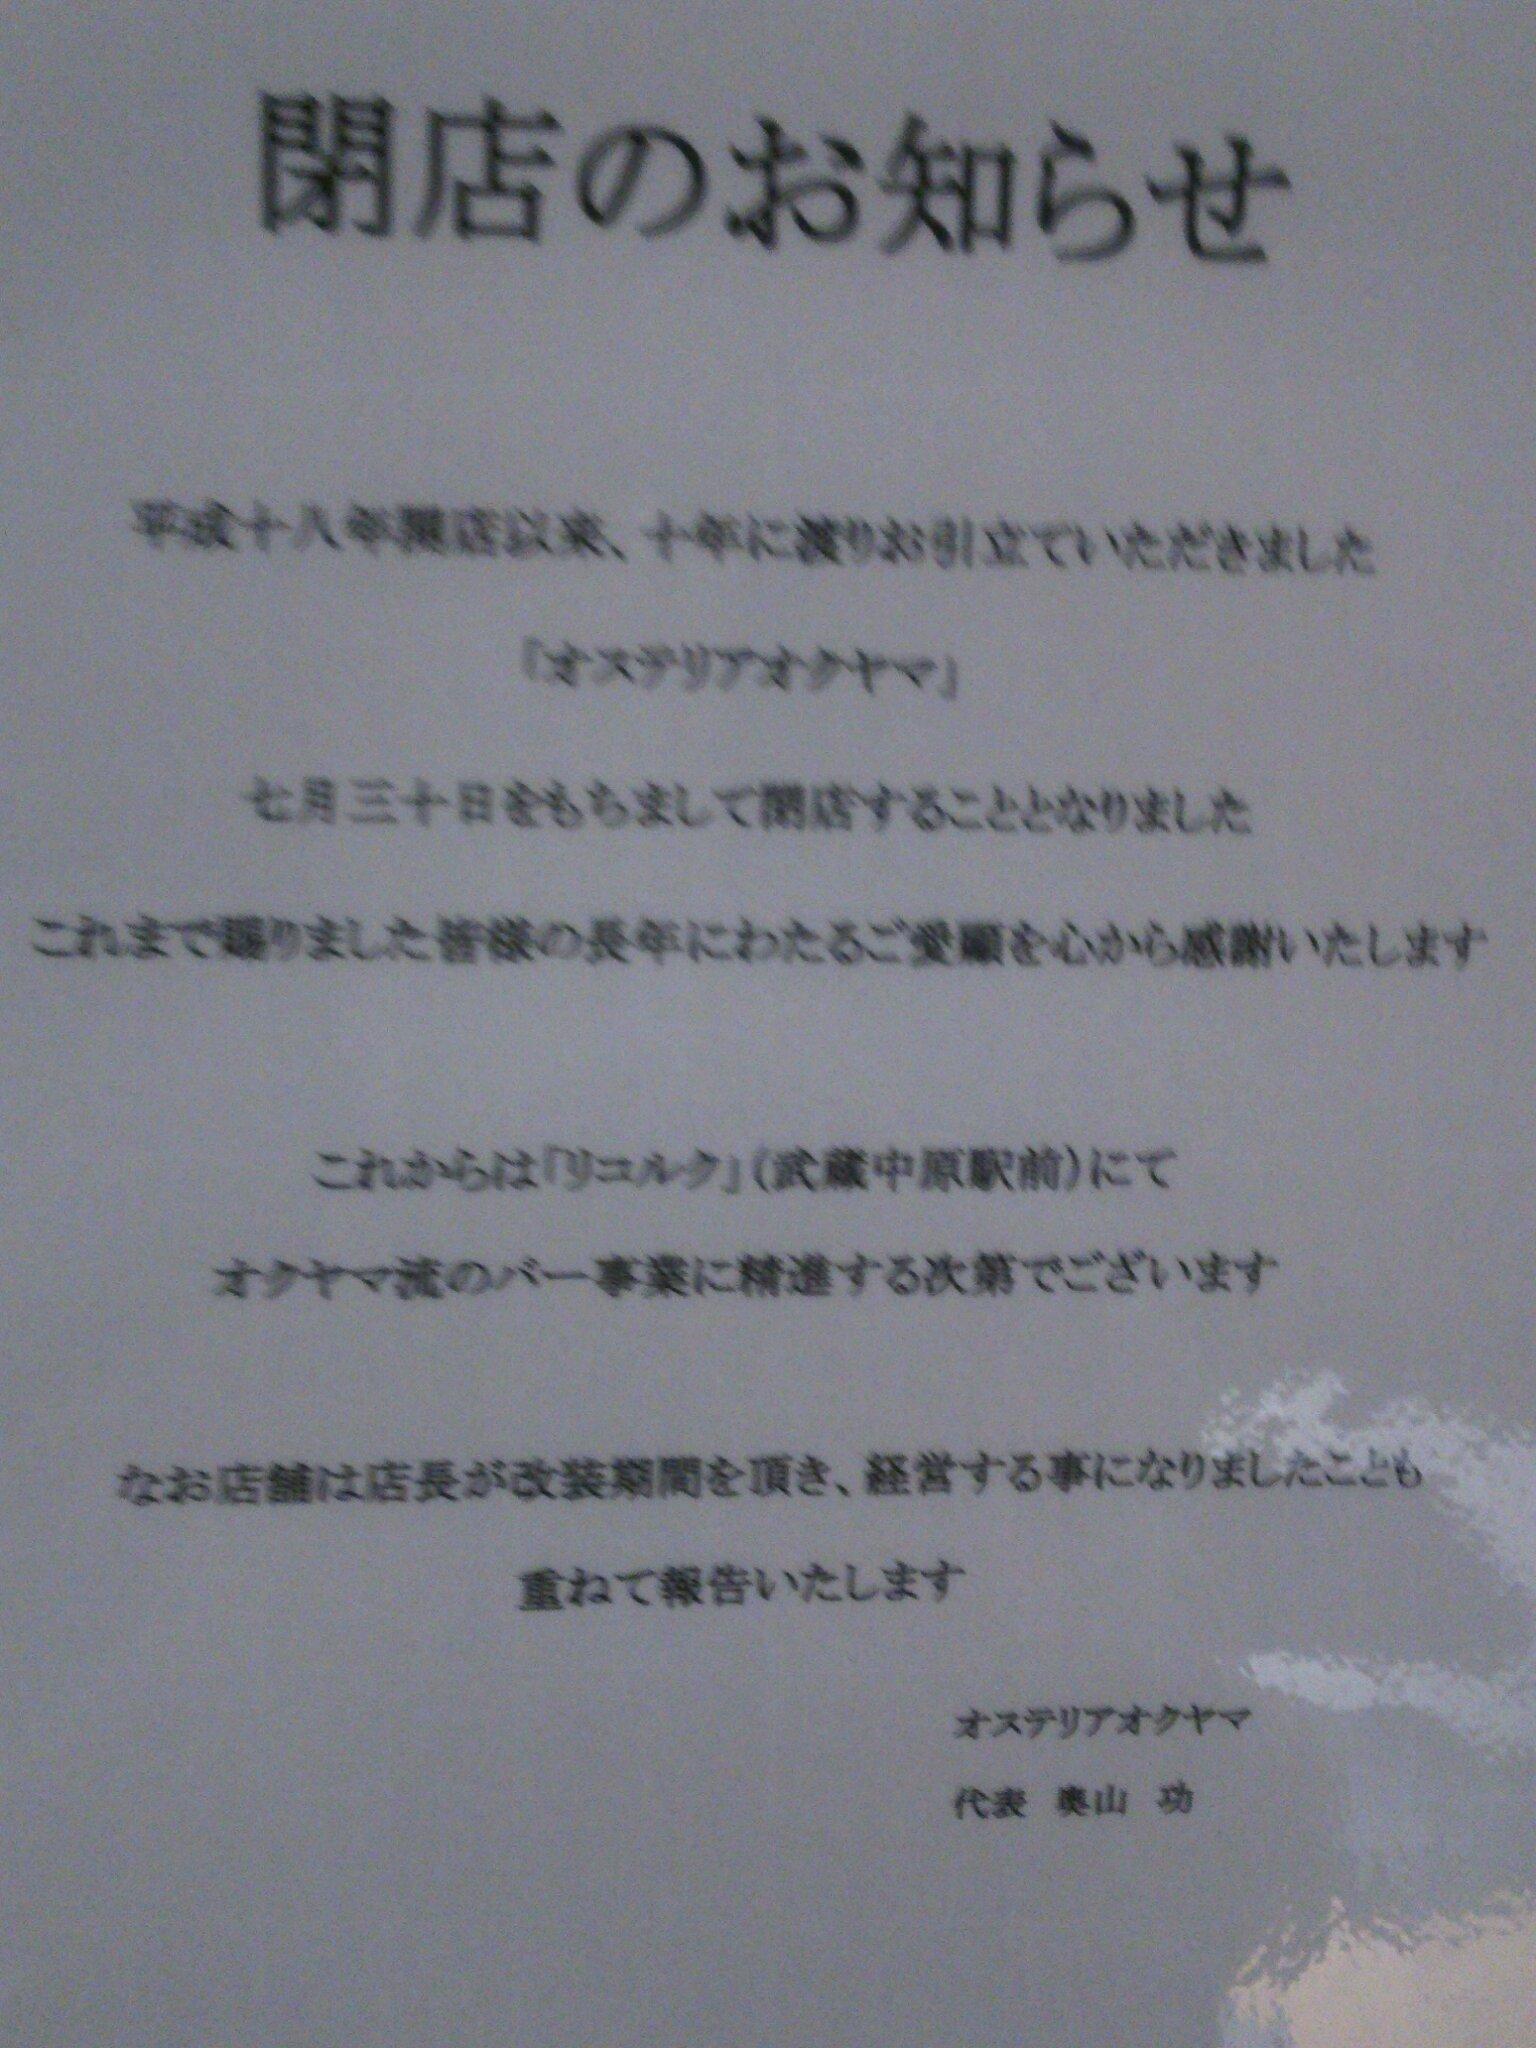 7/25(月)ランチと閉店のお知らせ